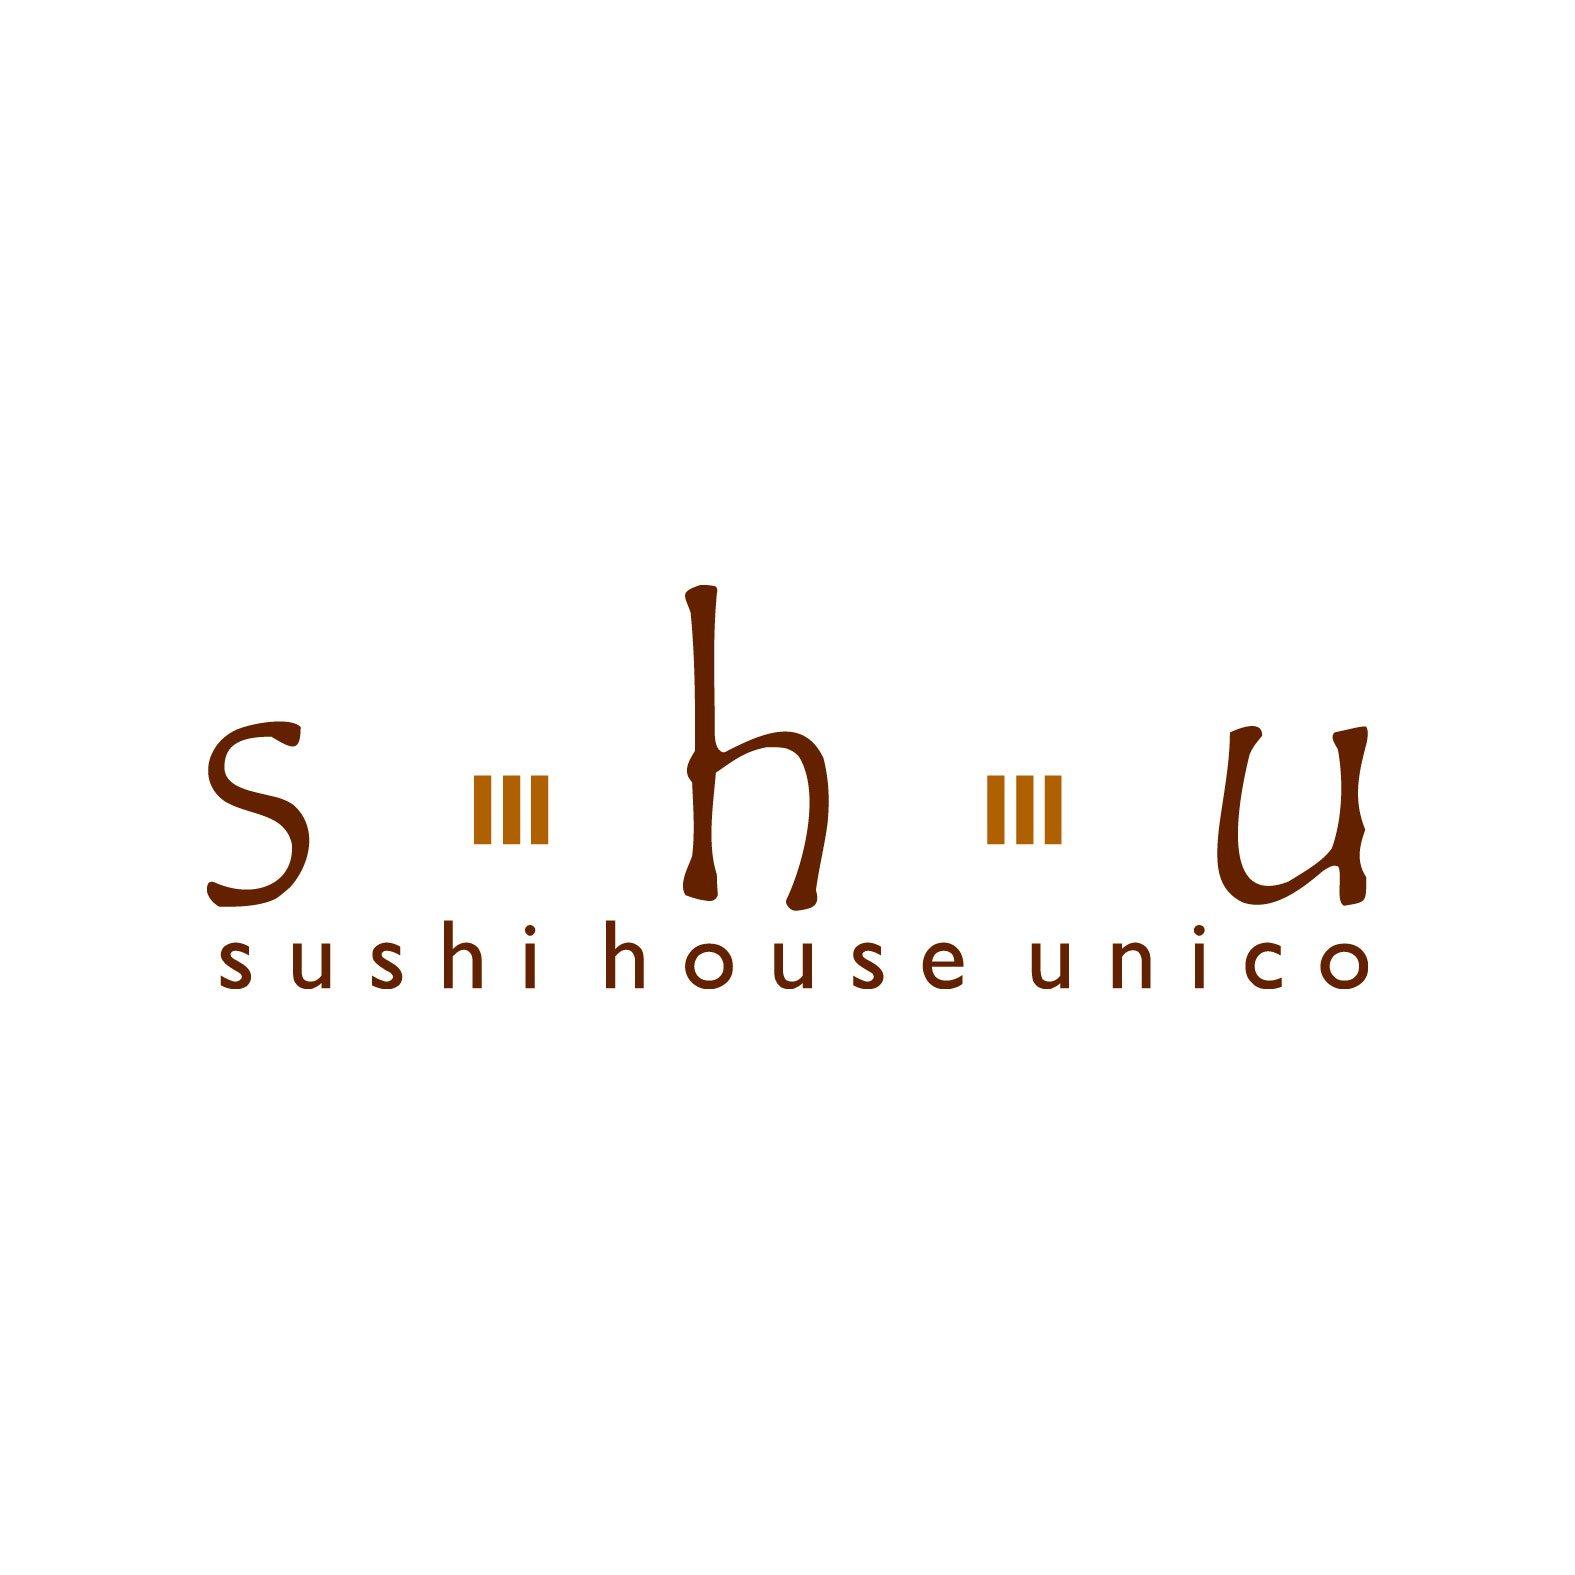 SHU Sushi House Unico